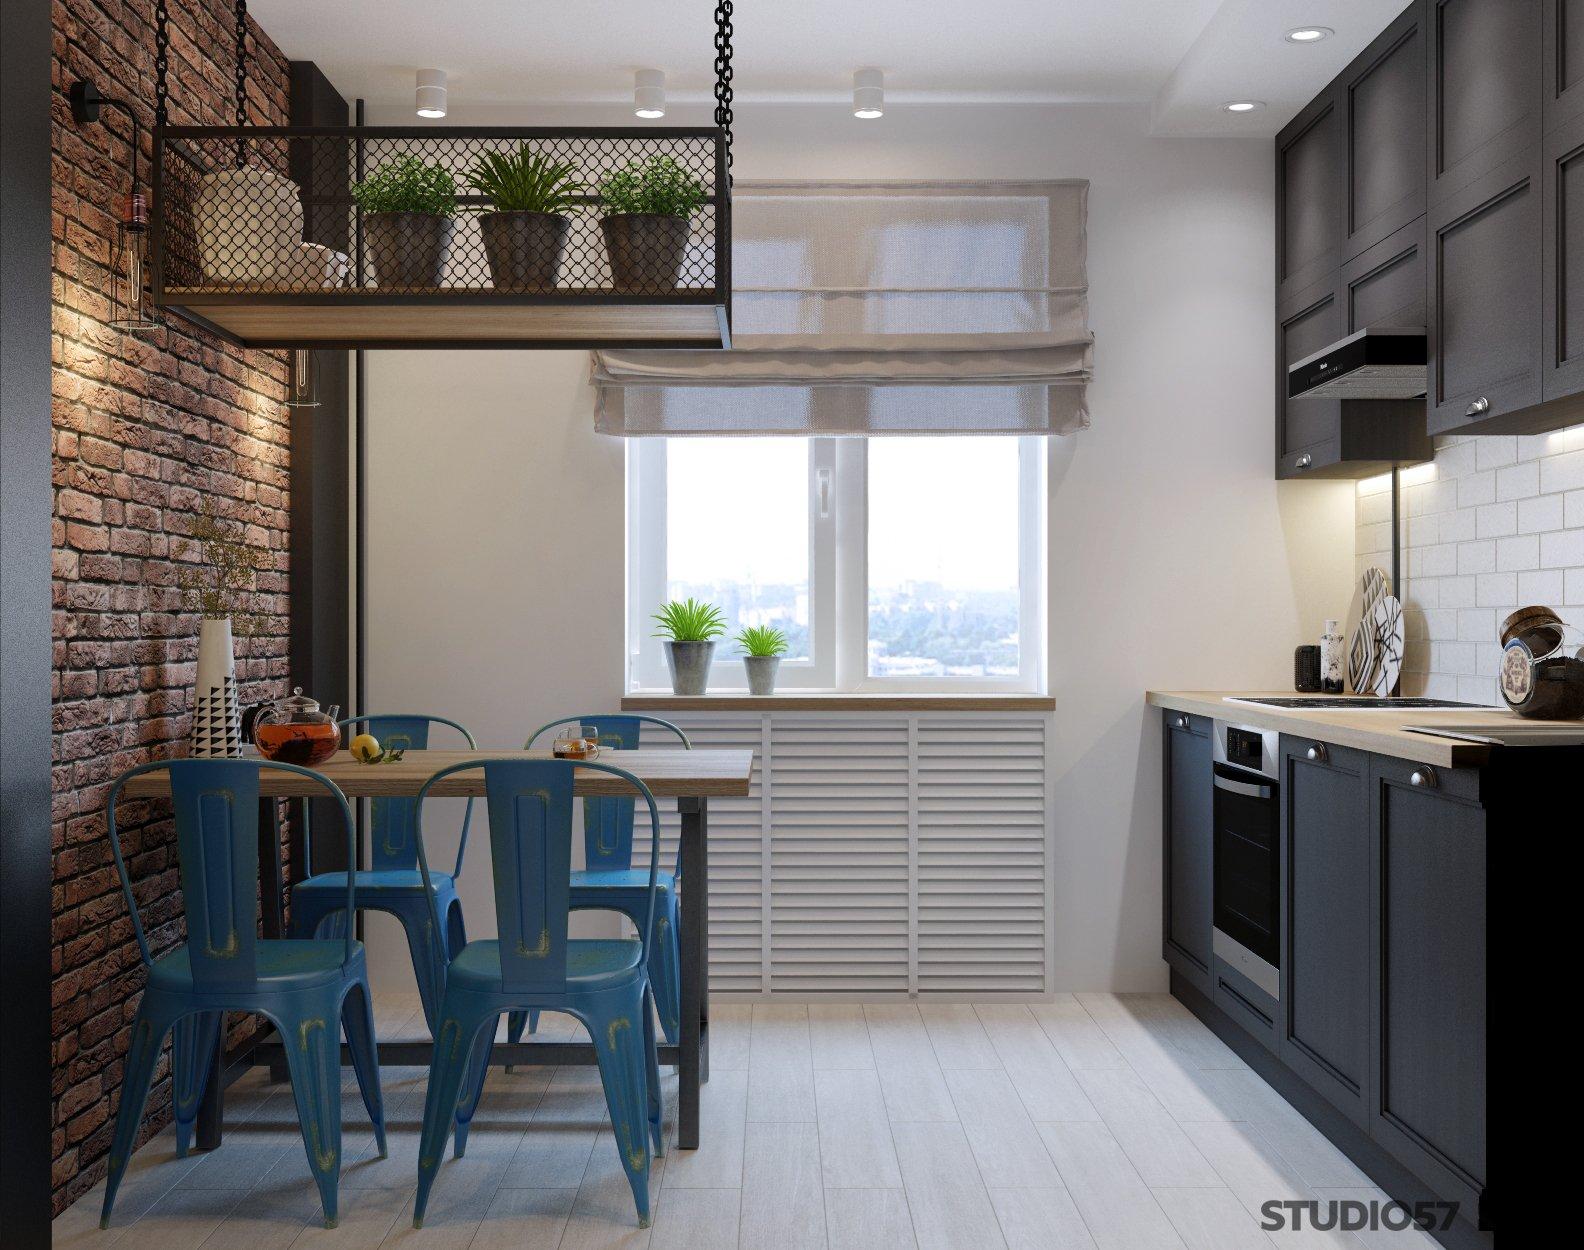 Loft style kitchen photo